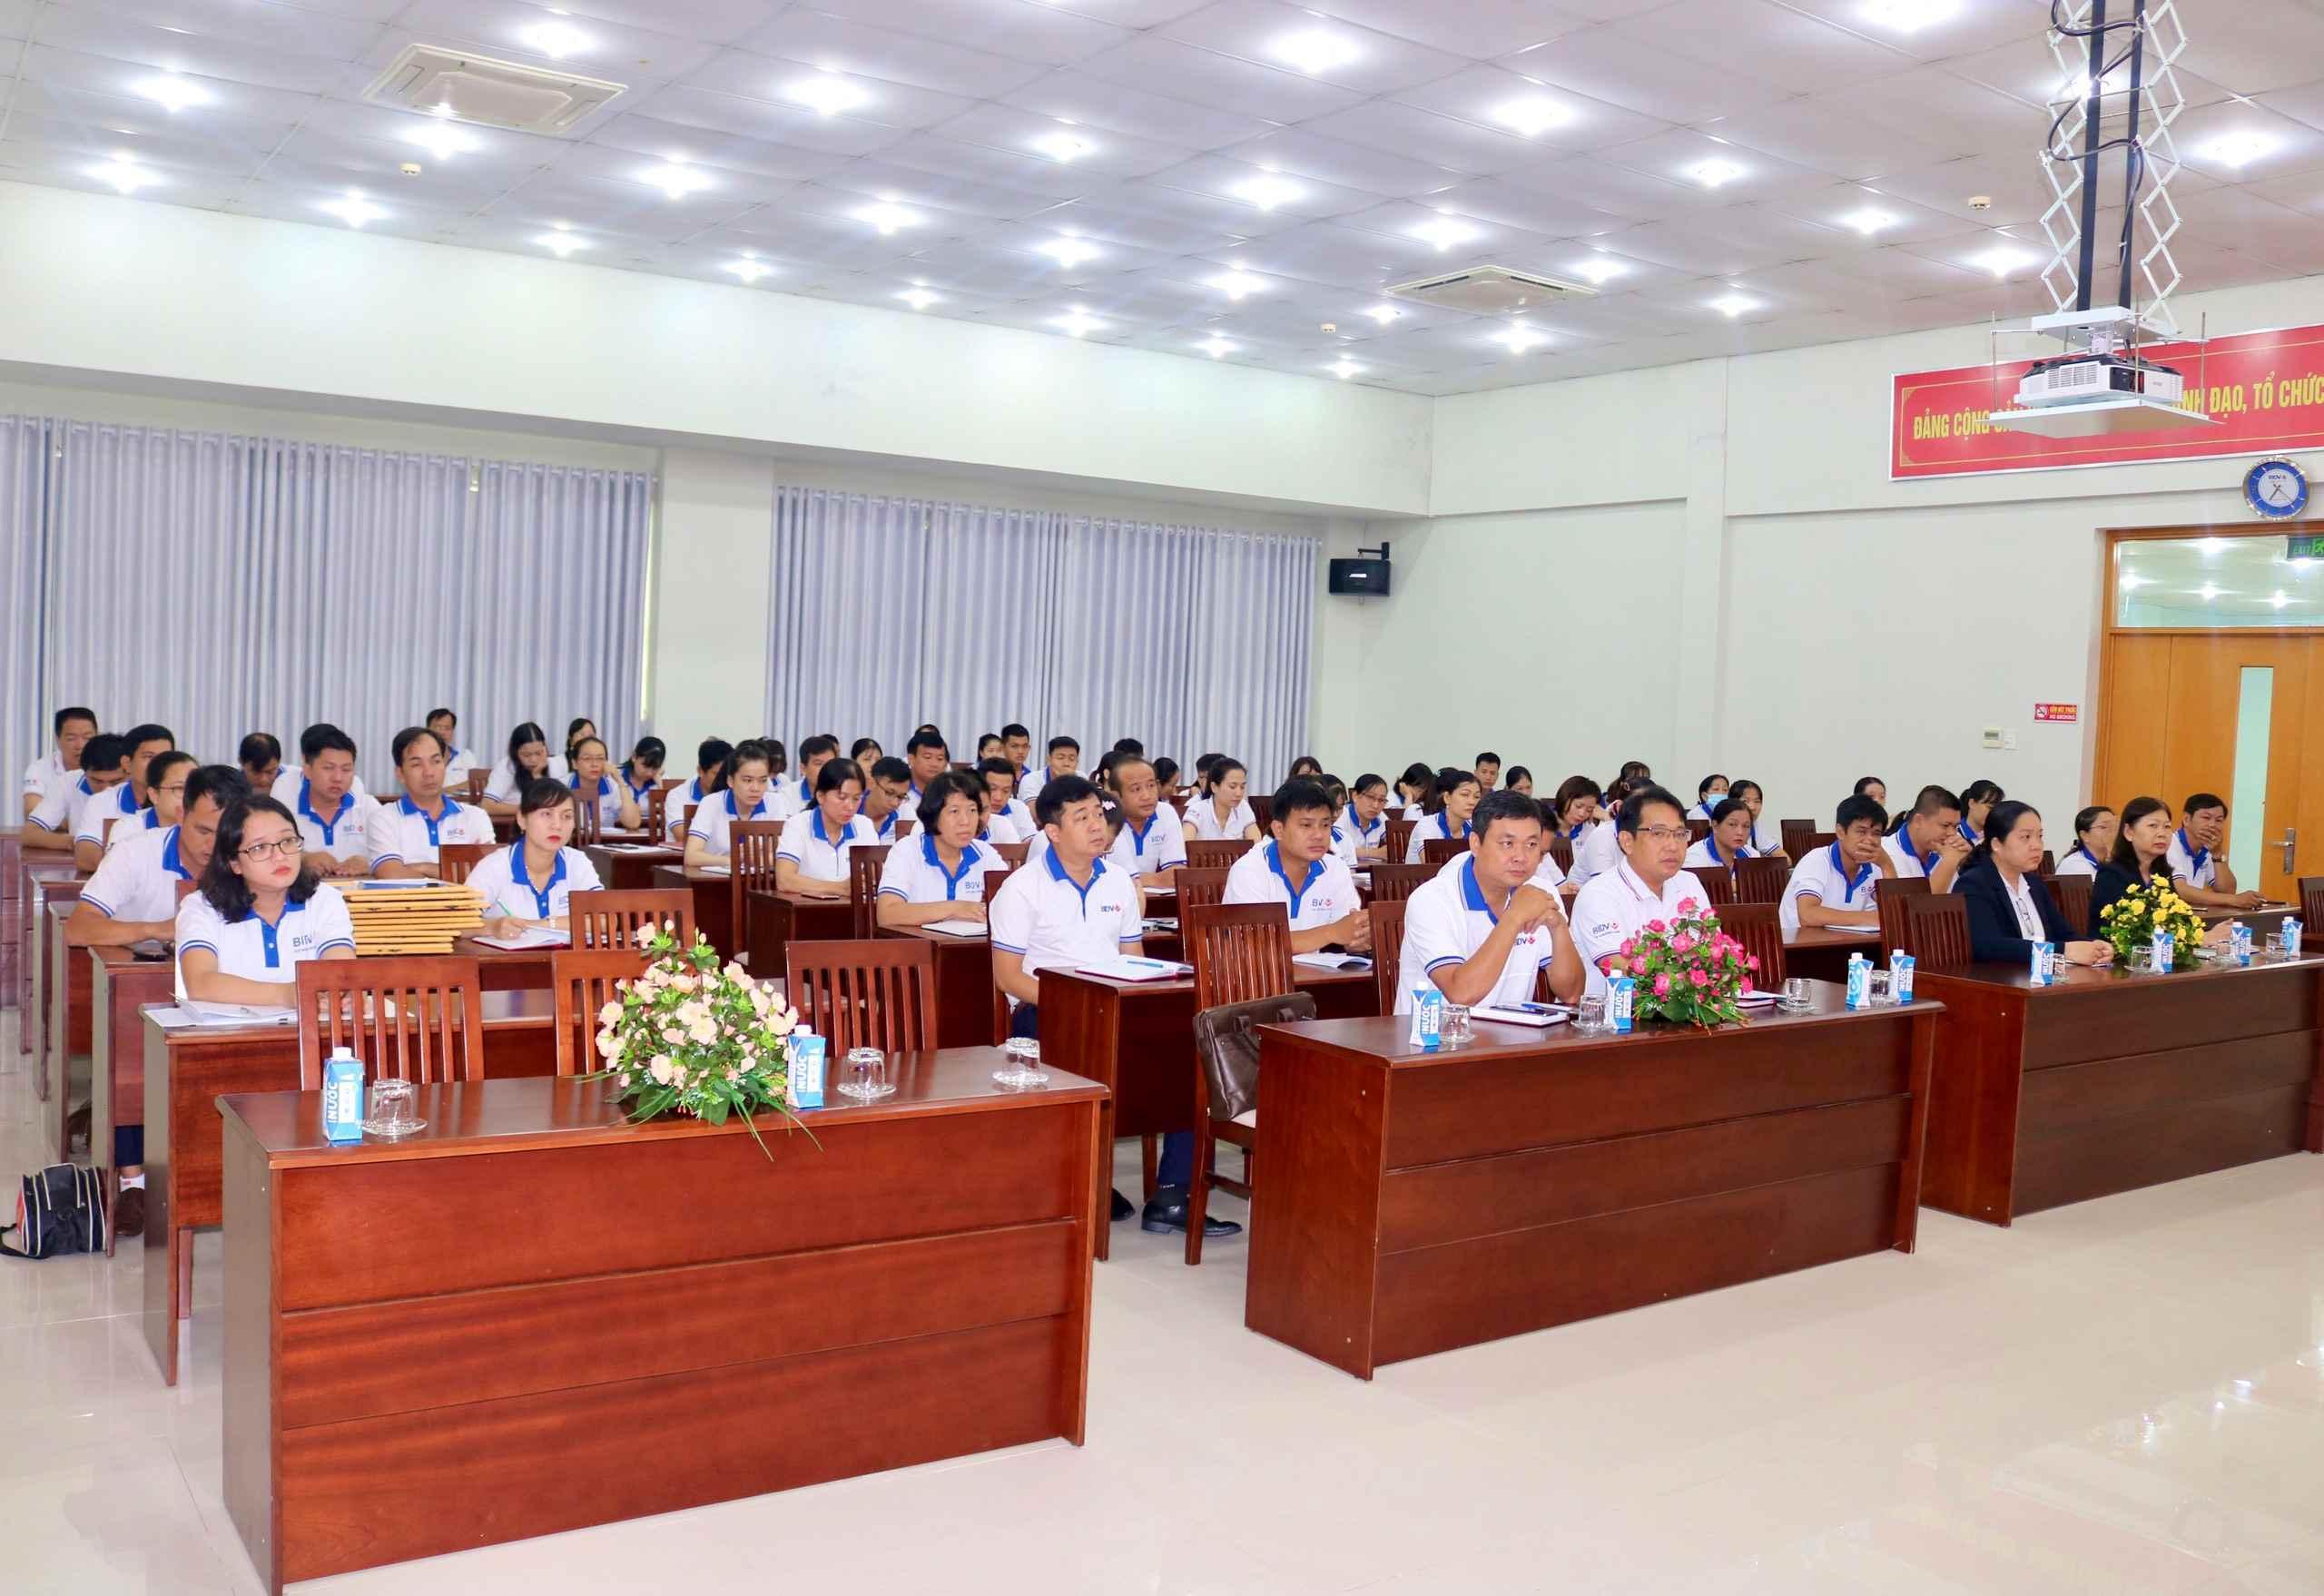 Đảng bộ BIDV Đồng Khởi triển khai Nghị quyết Đại hội Đảng bộ Khối Cơ quan – Doanh nghiệp tỉnh